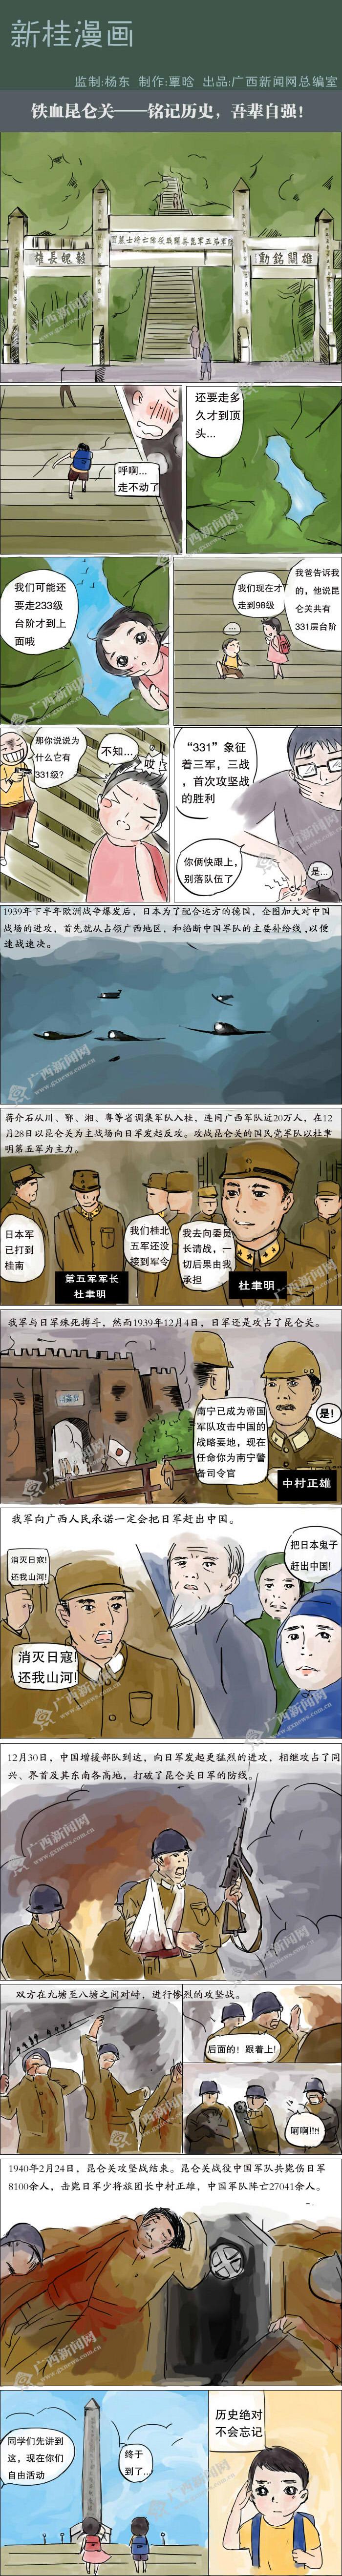 [新桂漫画]铁血昆仑关――铭记历史,吾辈自强!